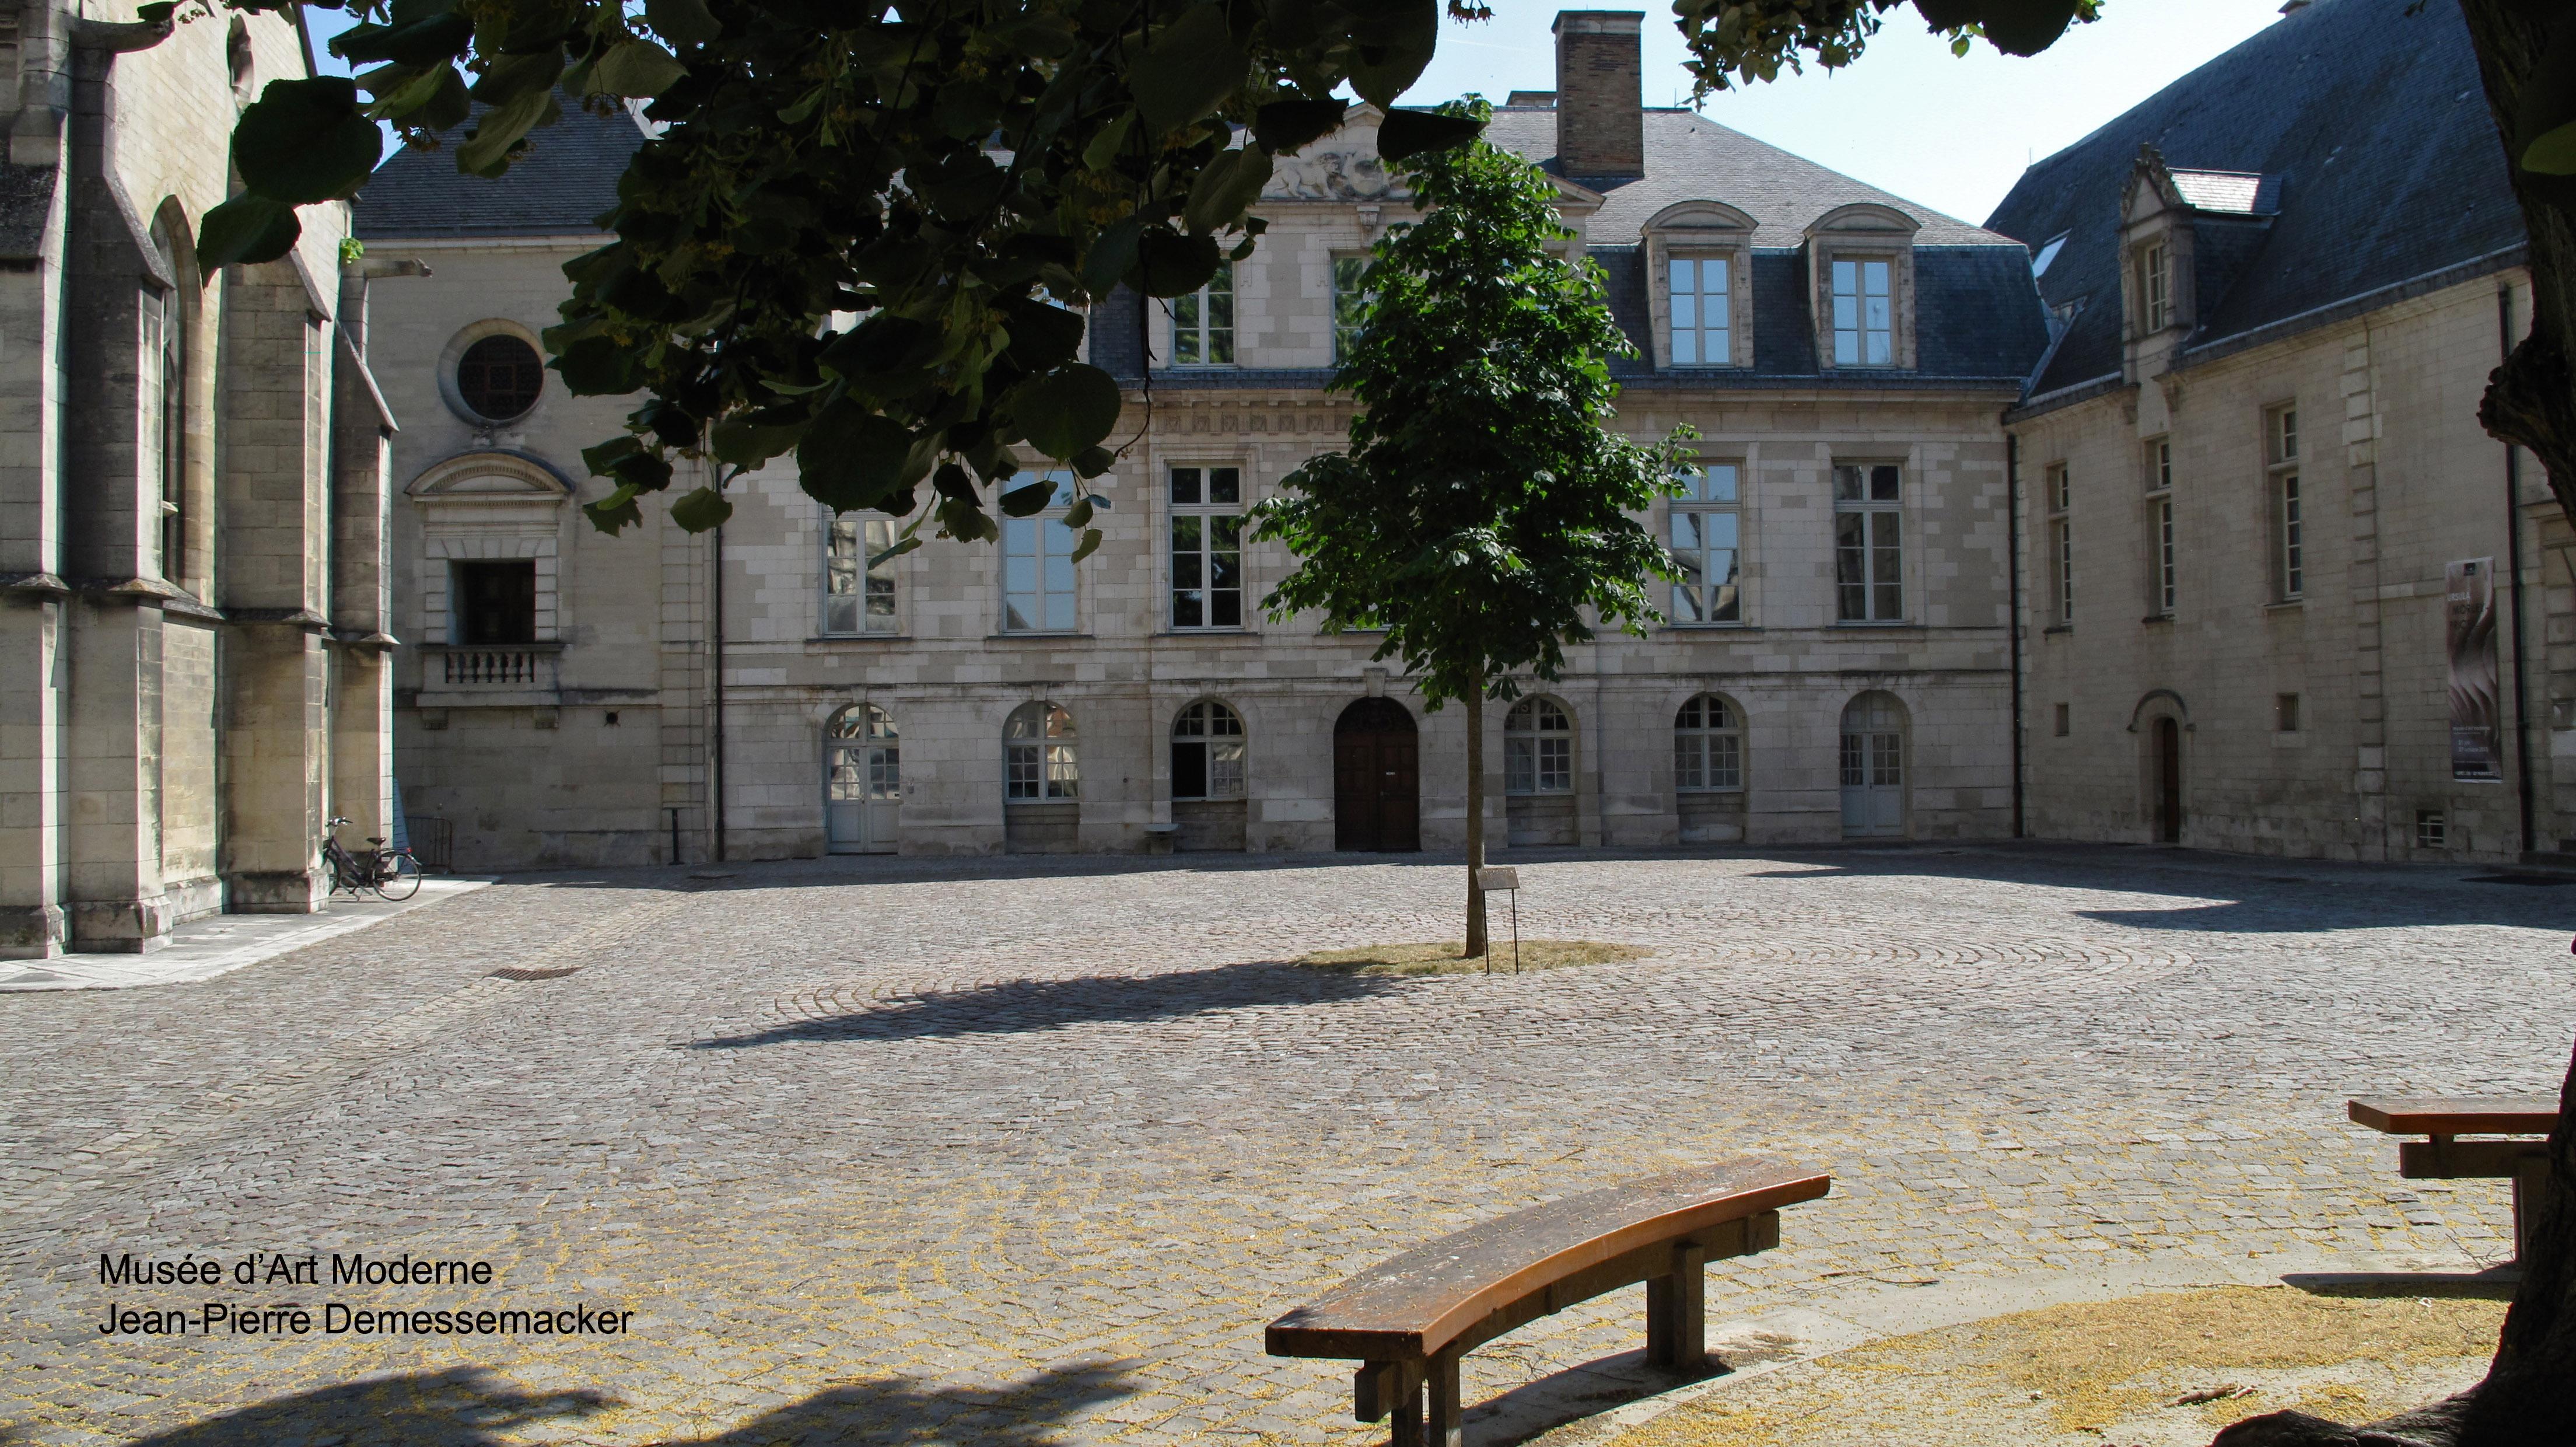 Musée-d'Art-Moderne_2013_07_21_1406